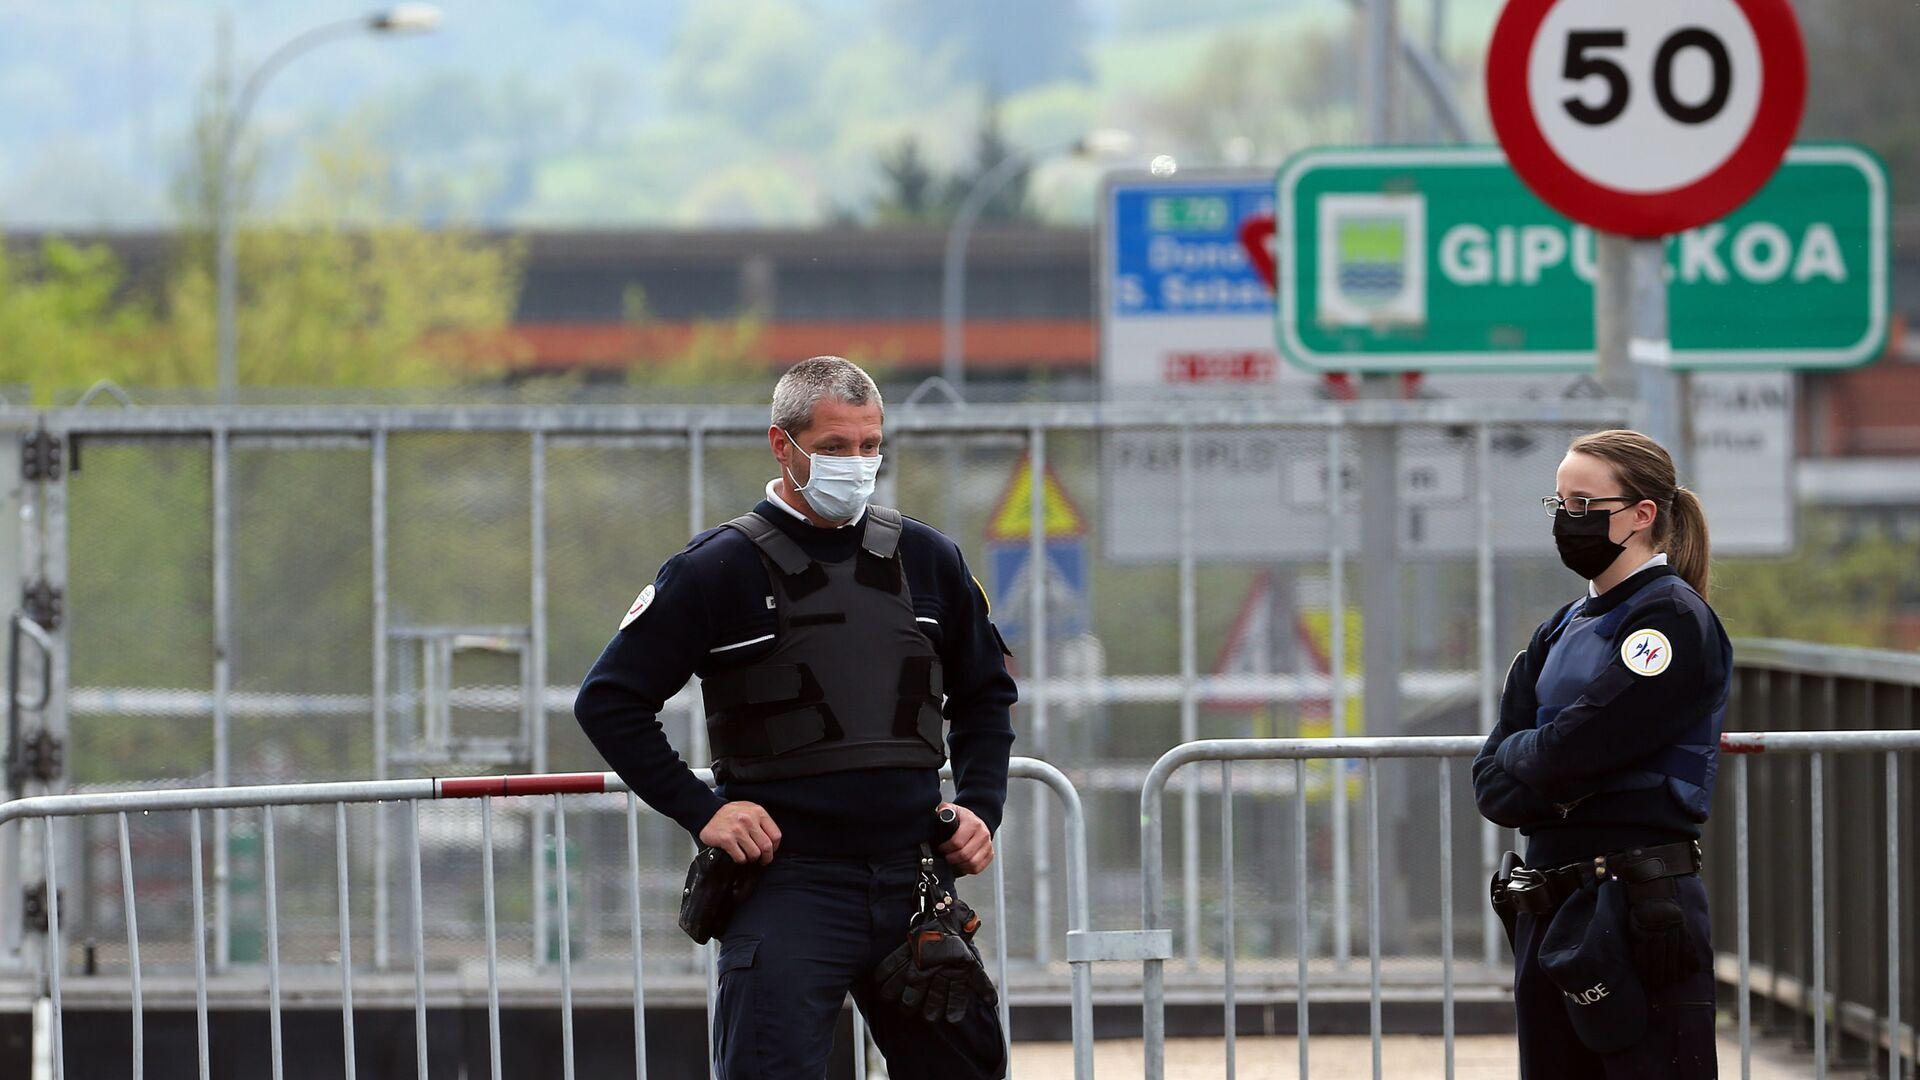 Policías en mascarillas en la frontera entre España y Francia - Sputnik Mundo, 1920, 17.03.2021